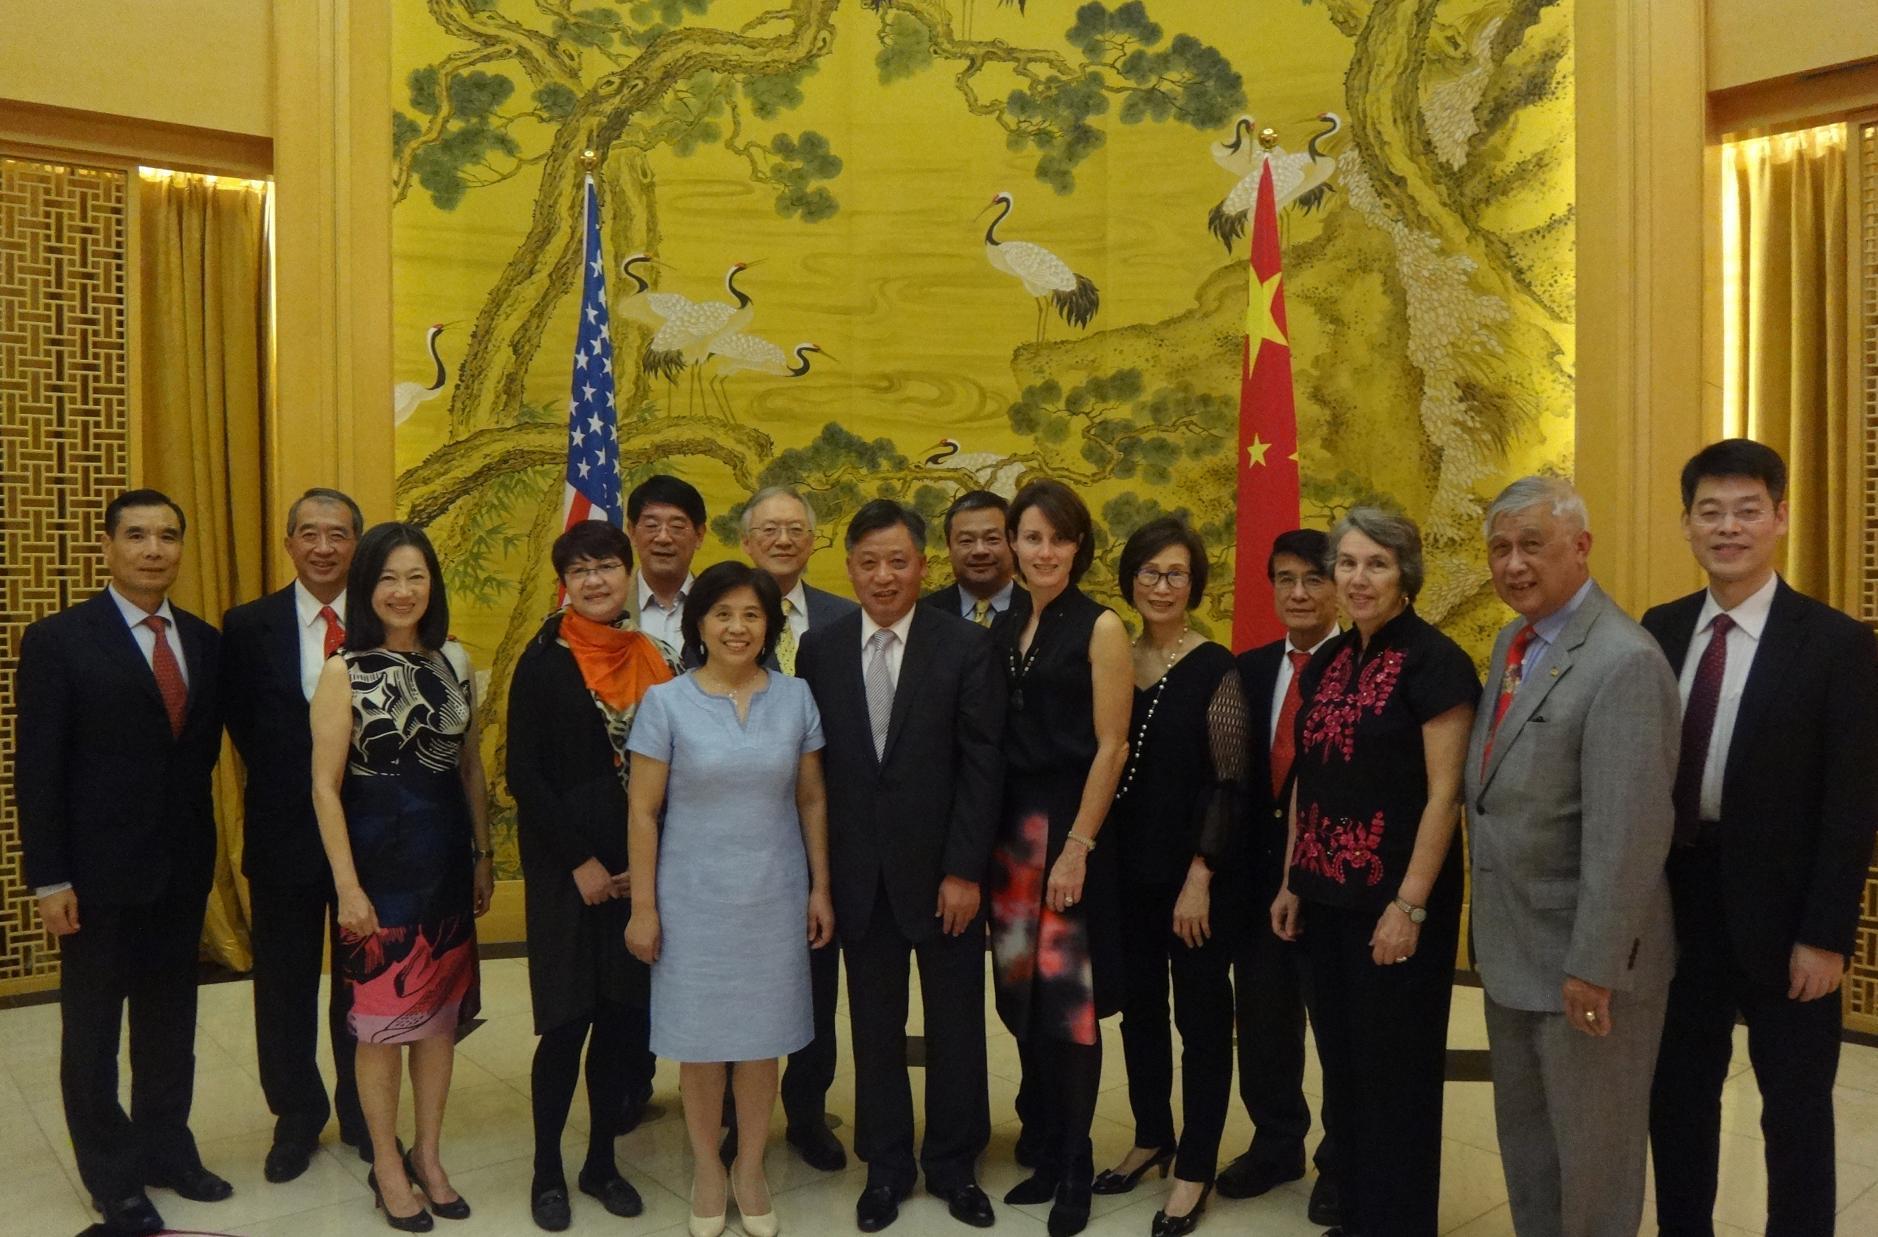 12.23.2015Li Qiangmin event